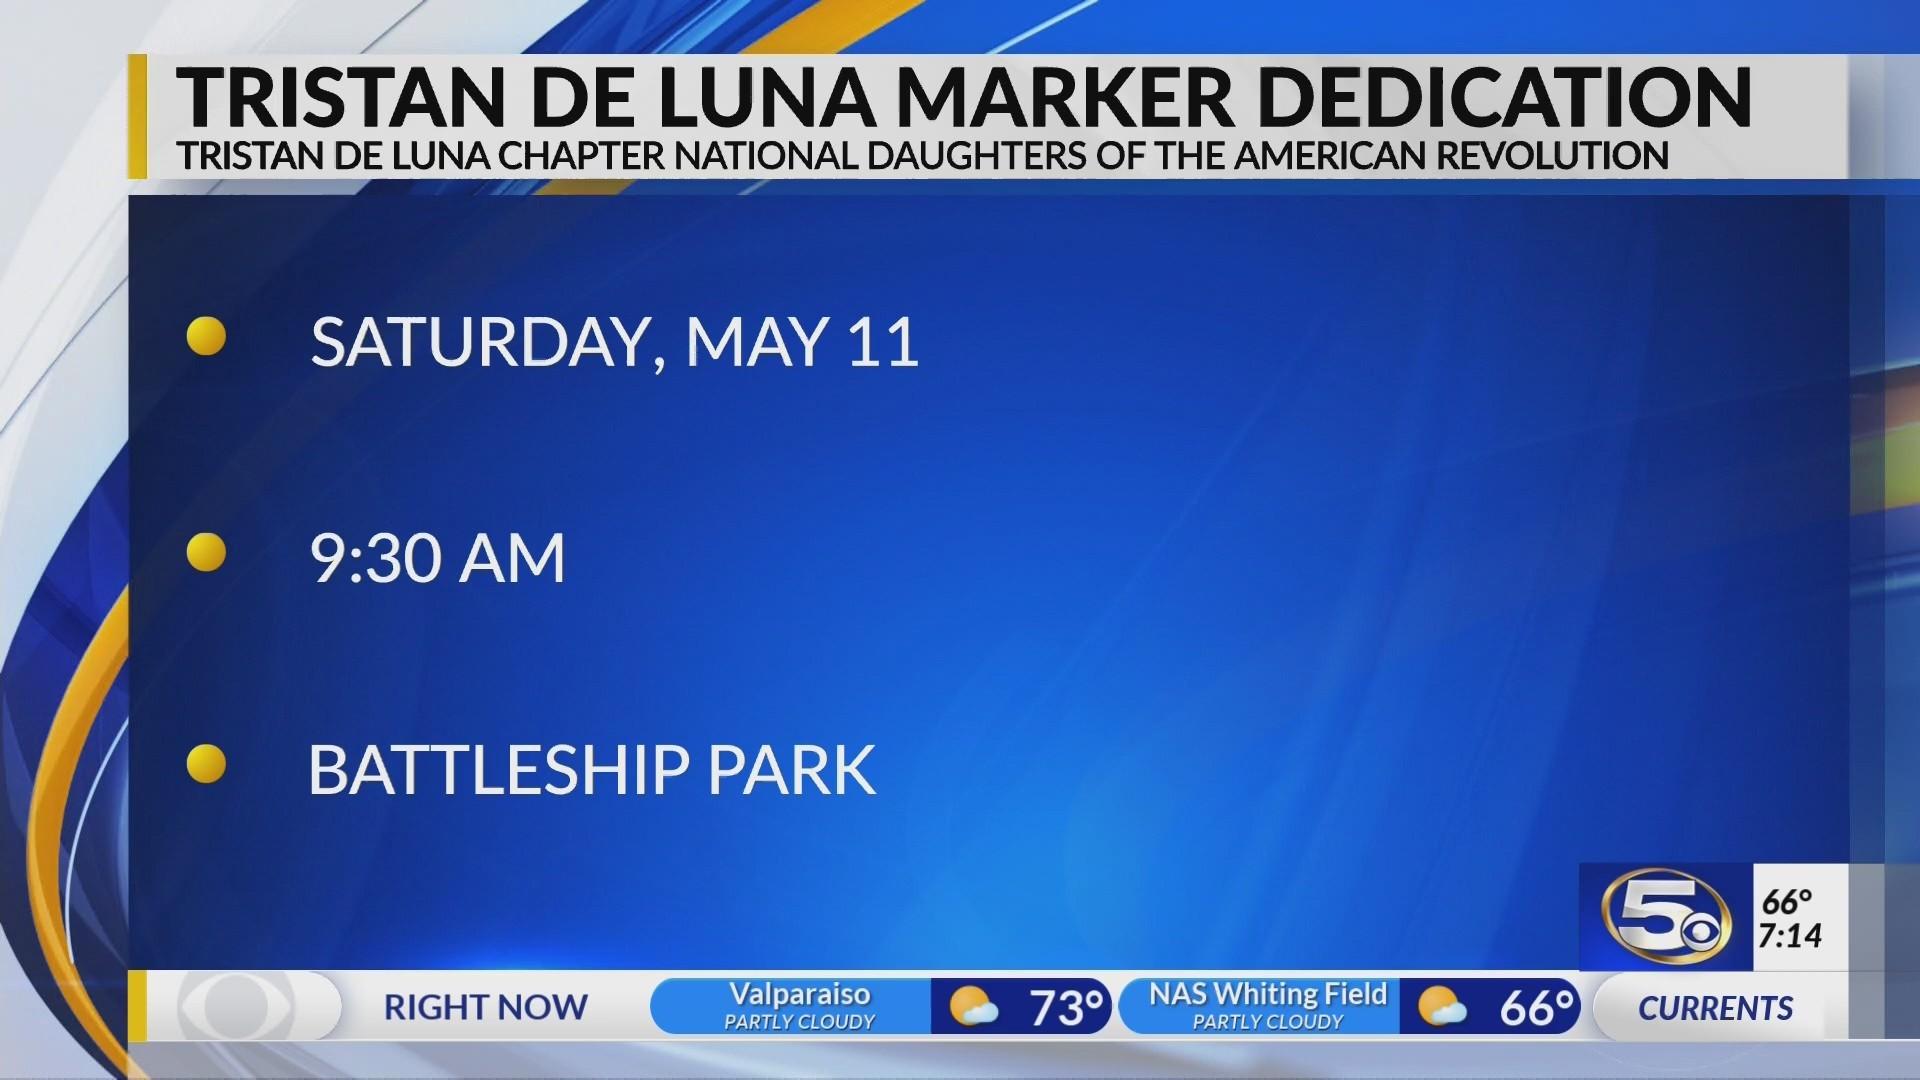 DAR dedicates historic marker at Battleship Park